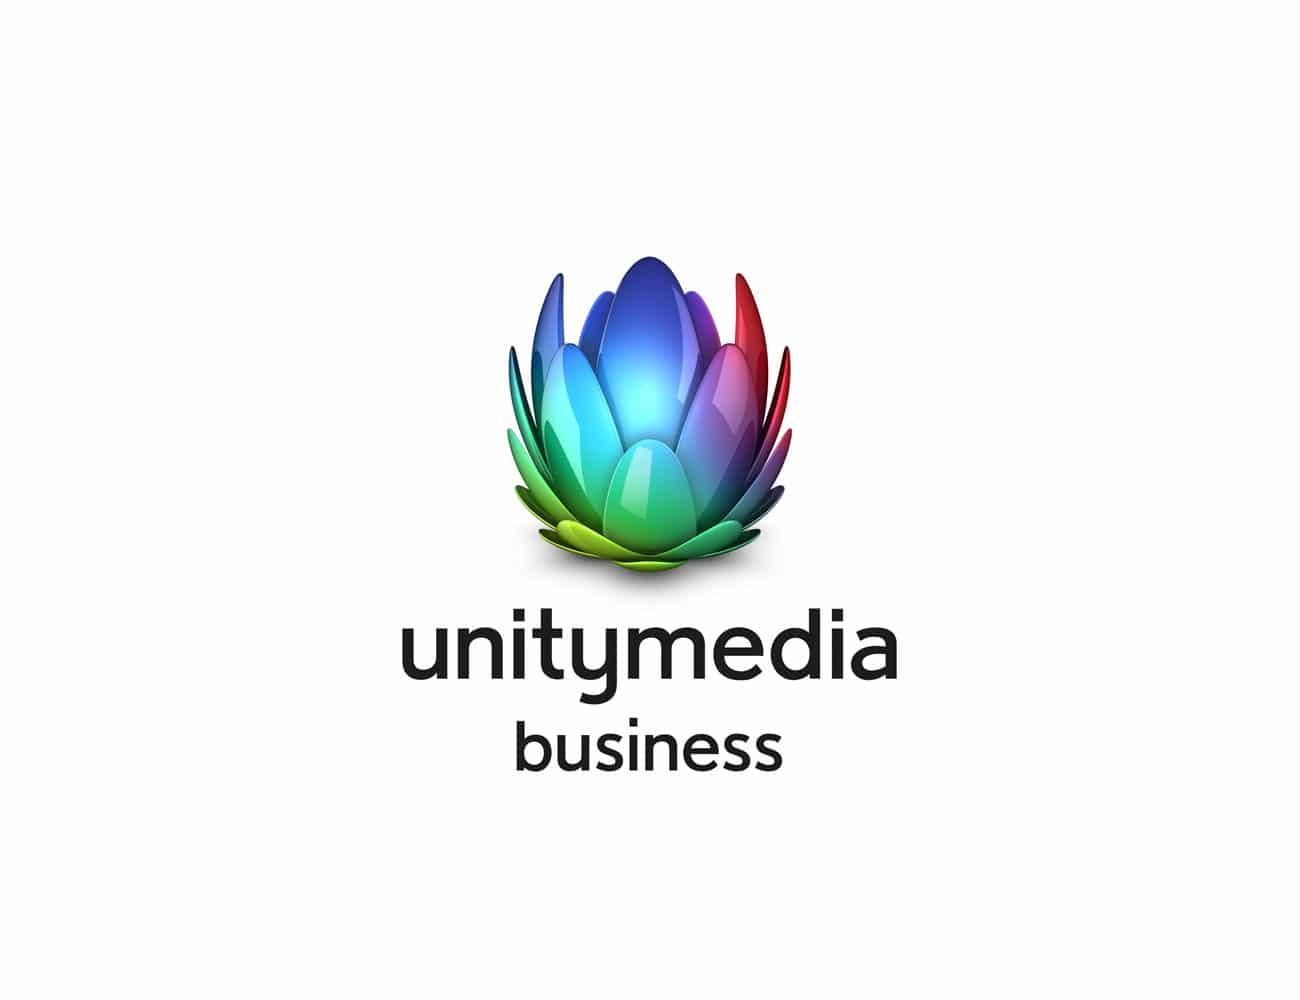 Unitymedia_Business_Logo_2015_1_V10